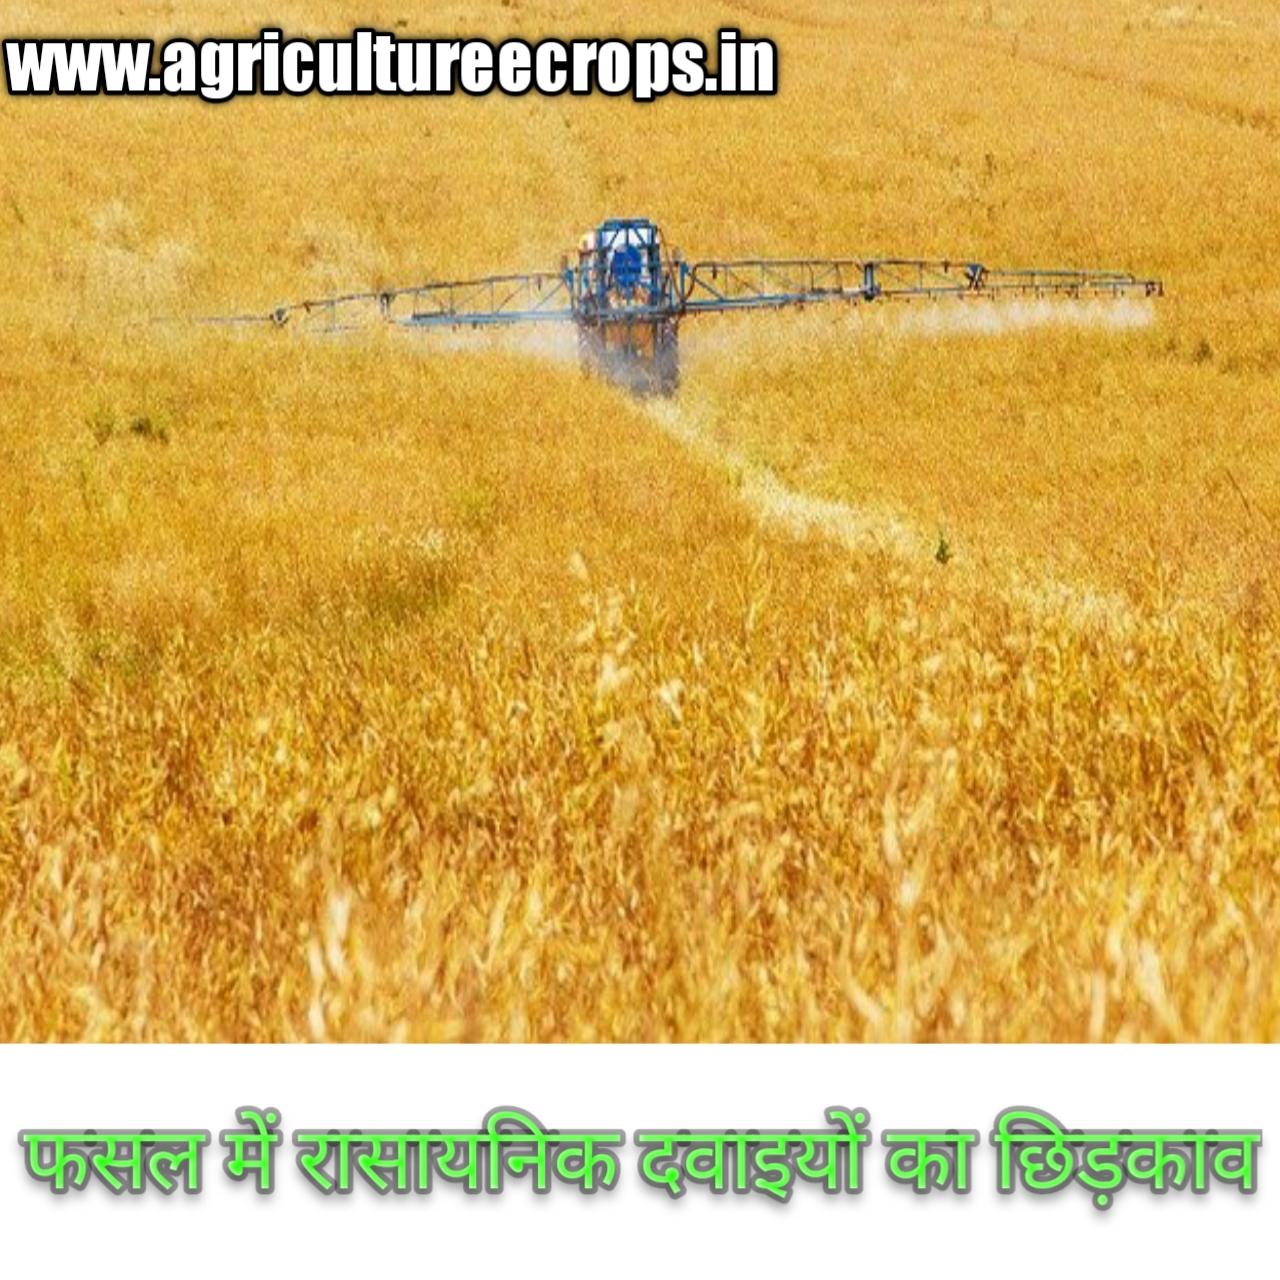 फसल में कीटनाशकों का प्रयोग करते समय इन बातों का रखें ध्यान । Keep these things in mind when using pesticides in crops